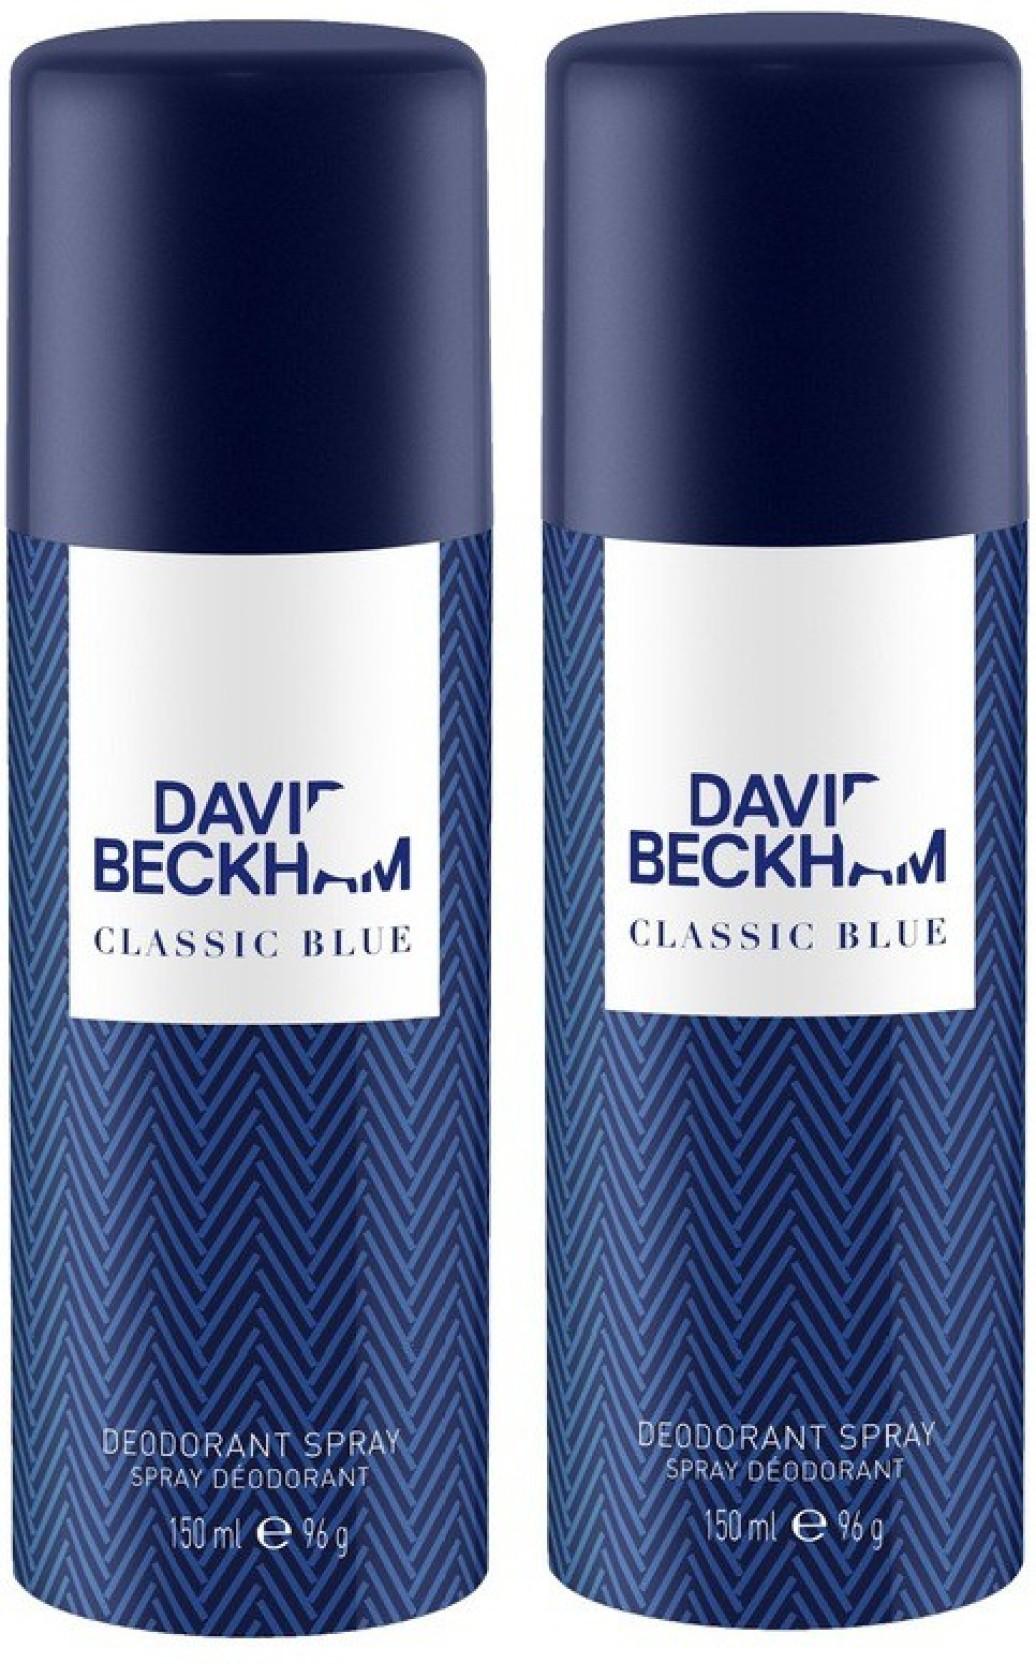 David Beckham Pack Of 2 Classic Blue Men Deo Deodorant Spray For Chanel Bleu 150ml Home